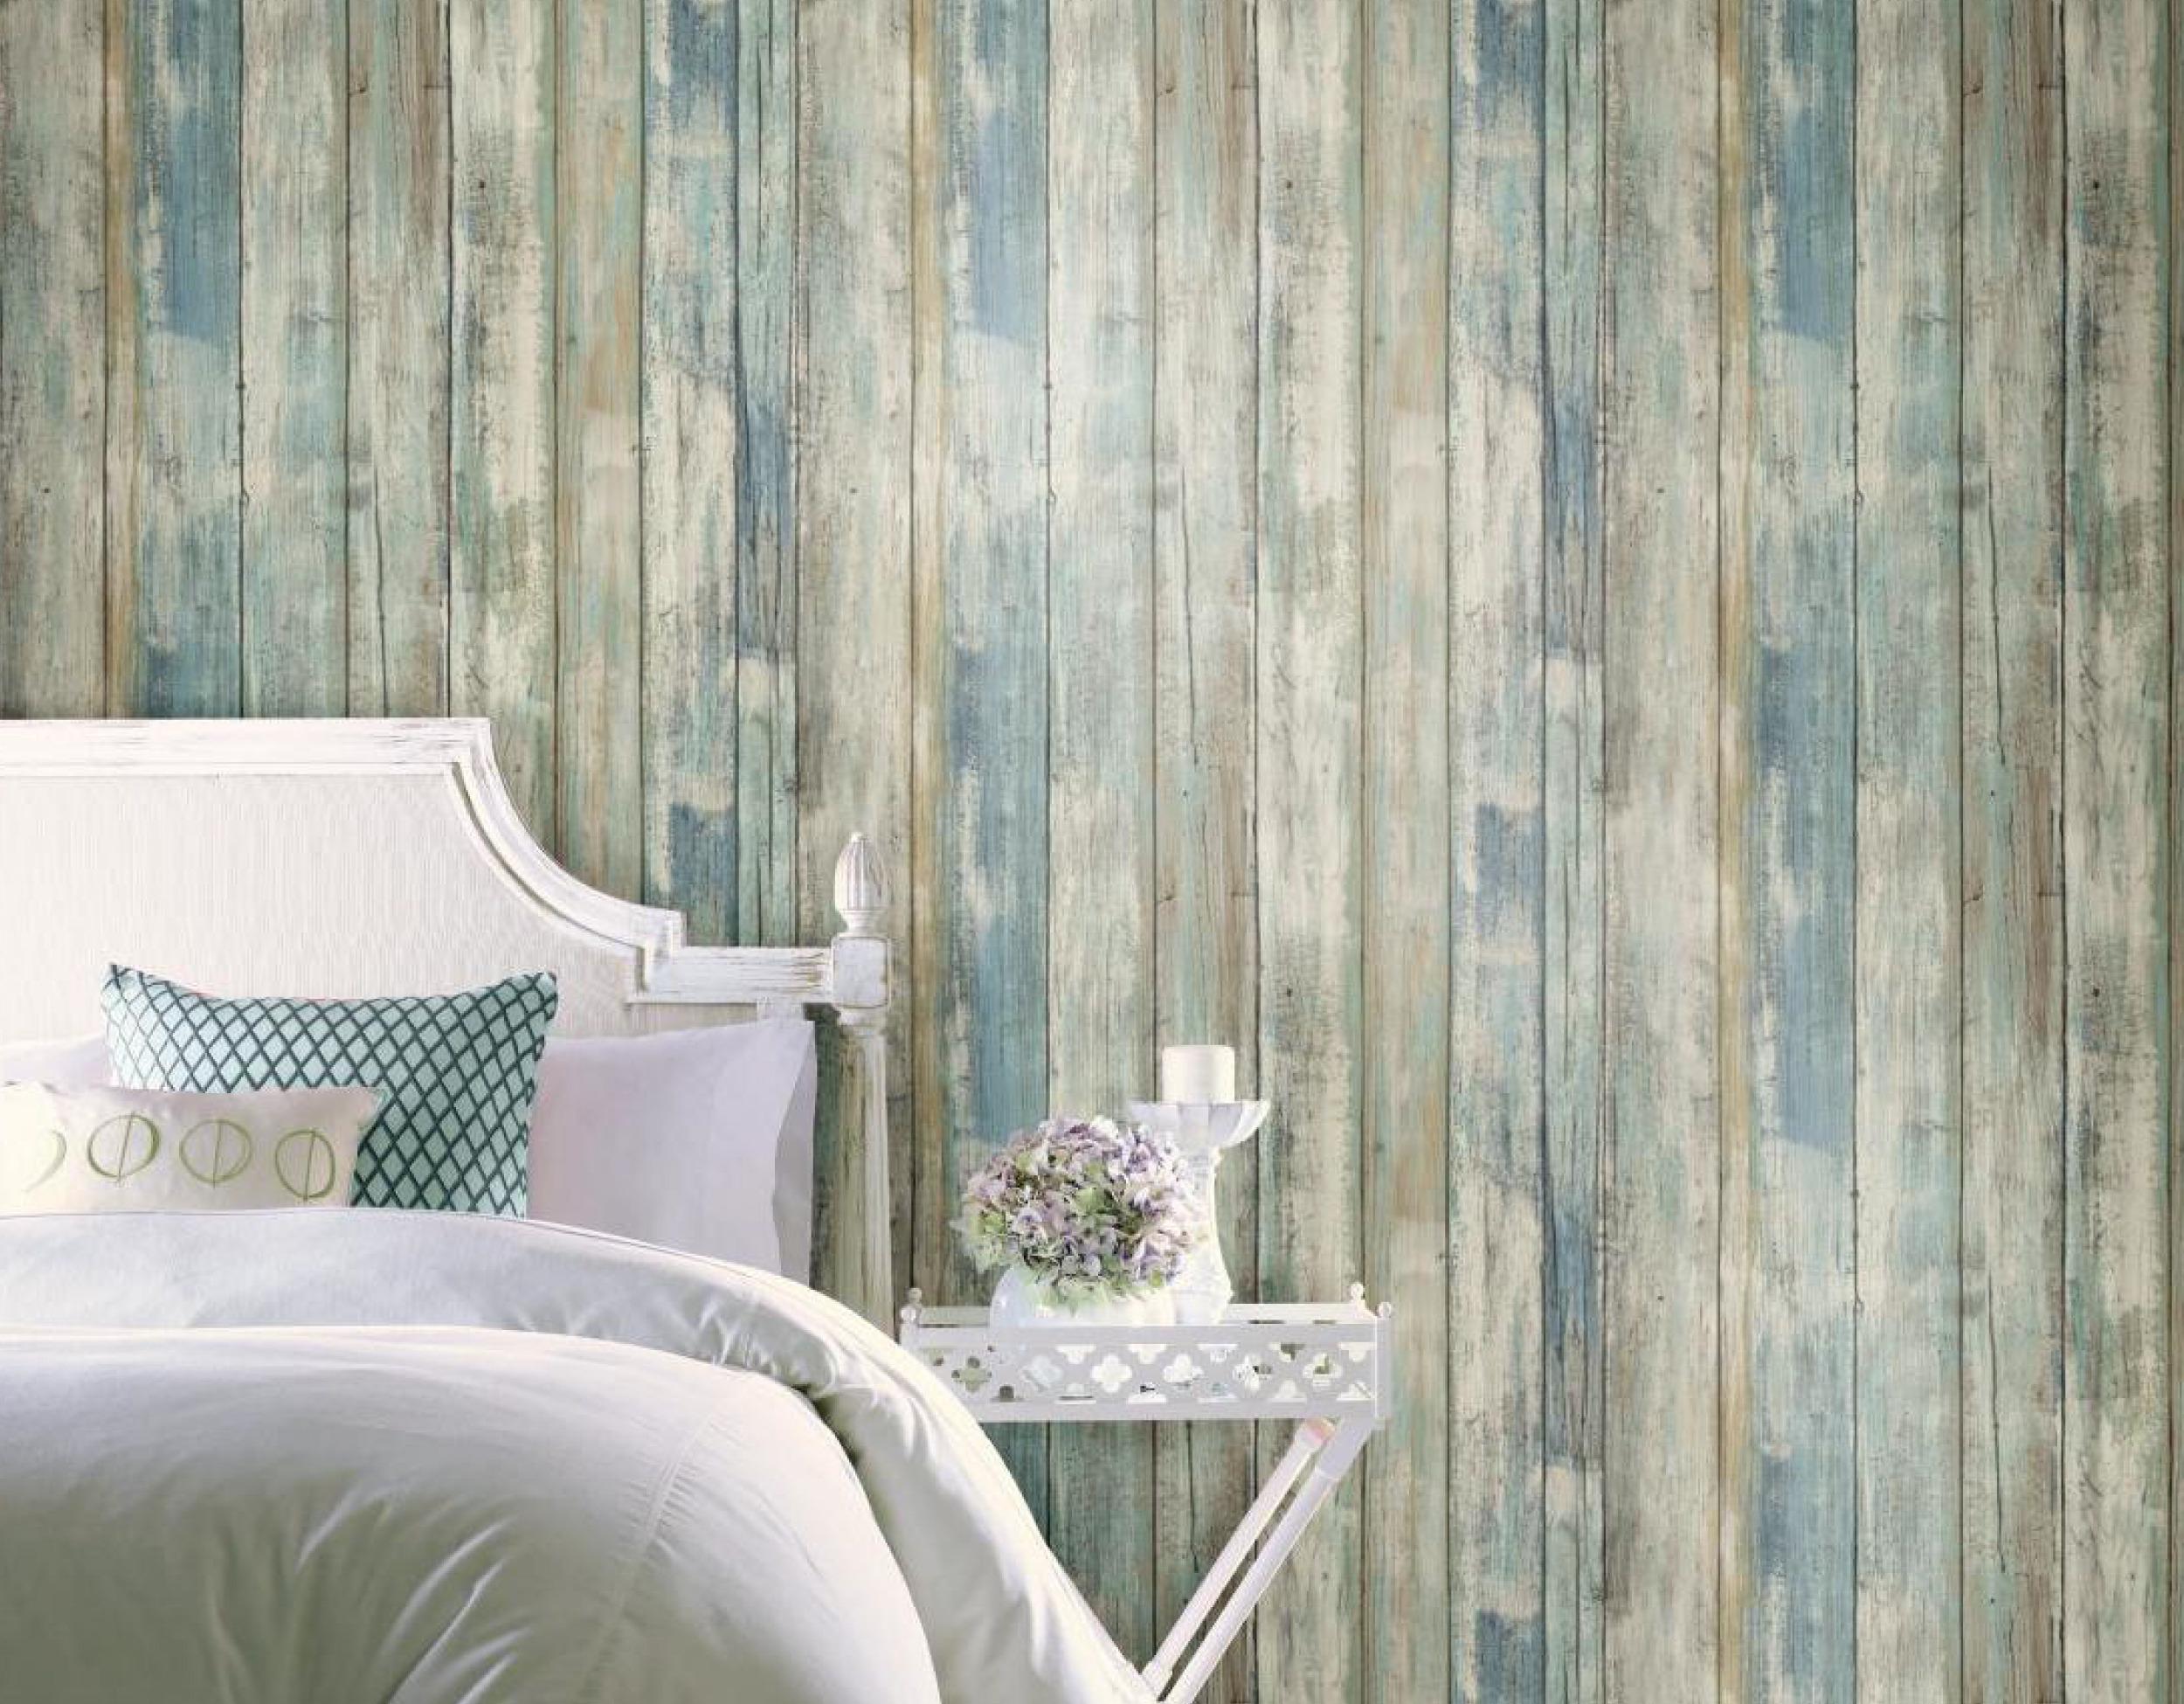 Aqua Distressed Wood Wall Plank Peel Stick Wallpaper